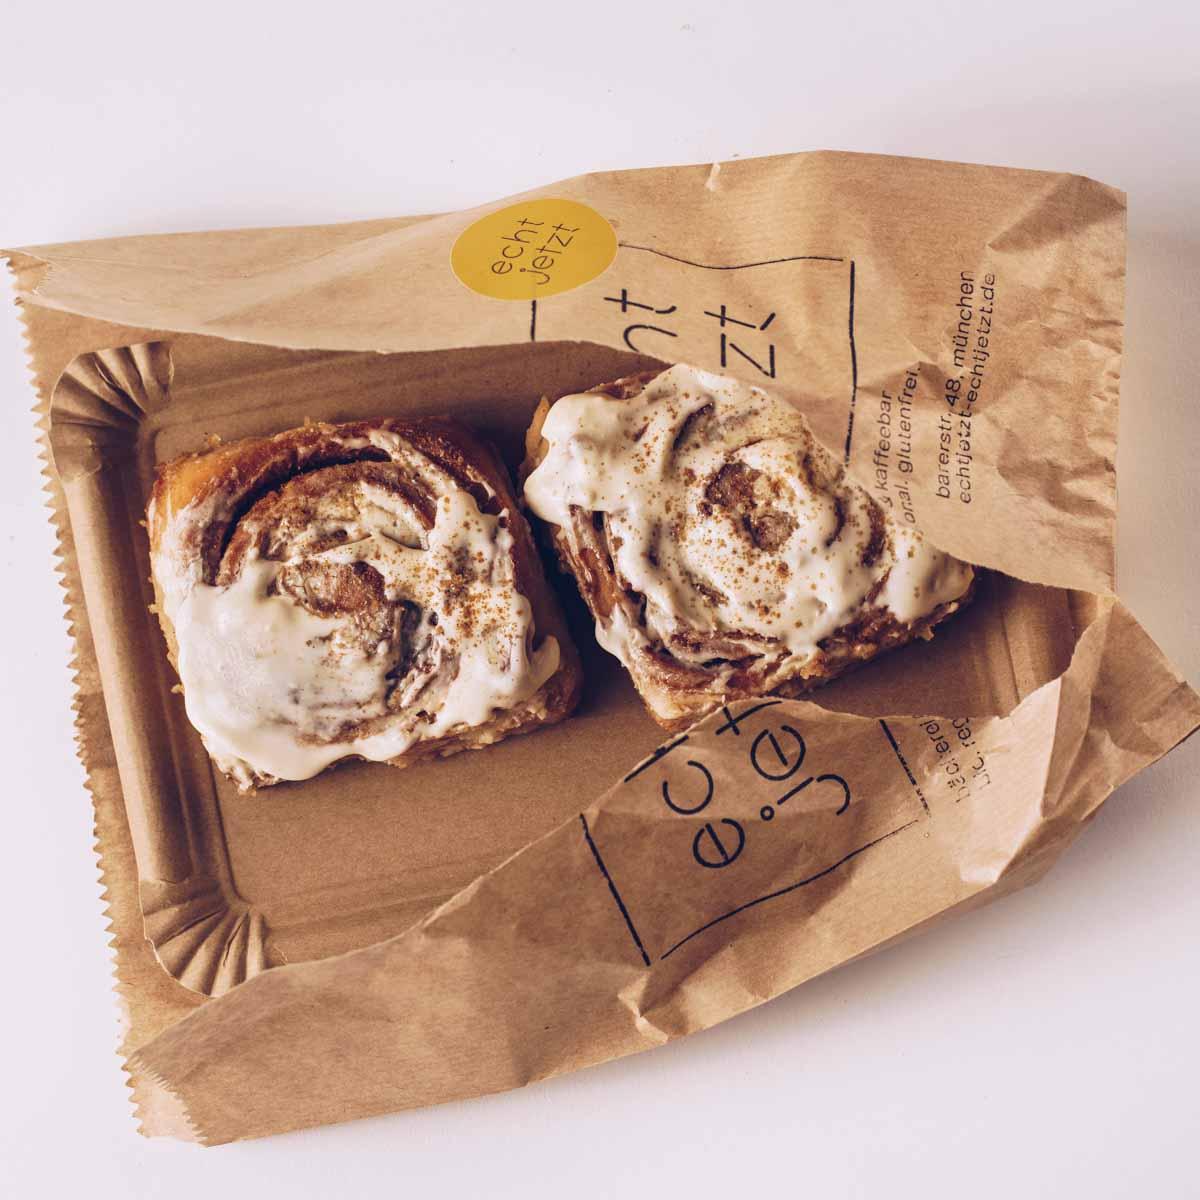 Echt Jetzt Glutenfreies Bio-Brot München--3